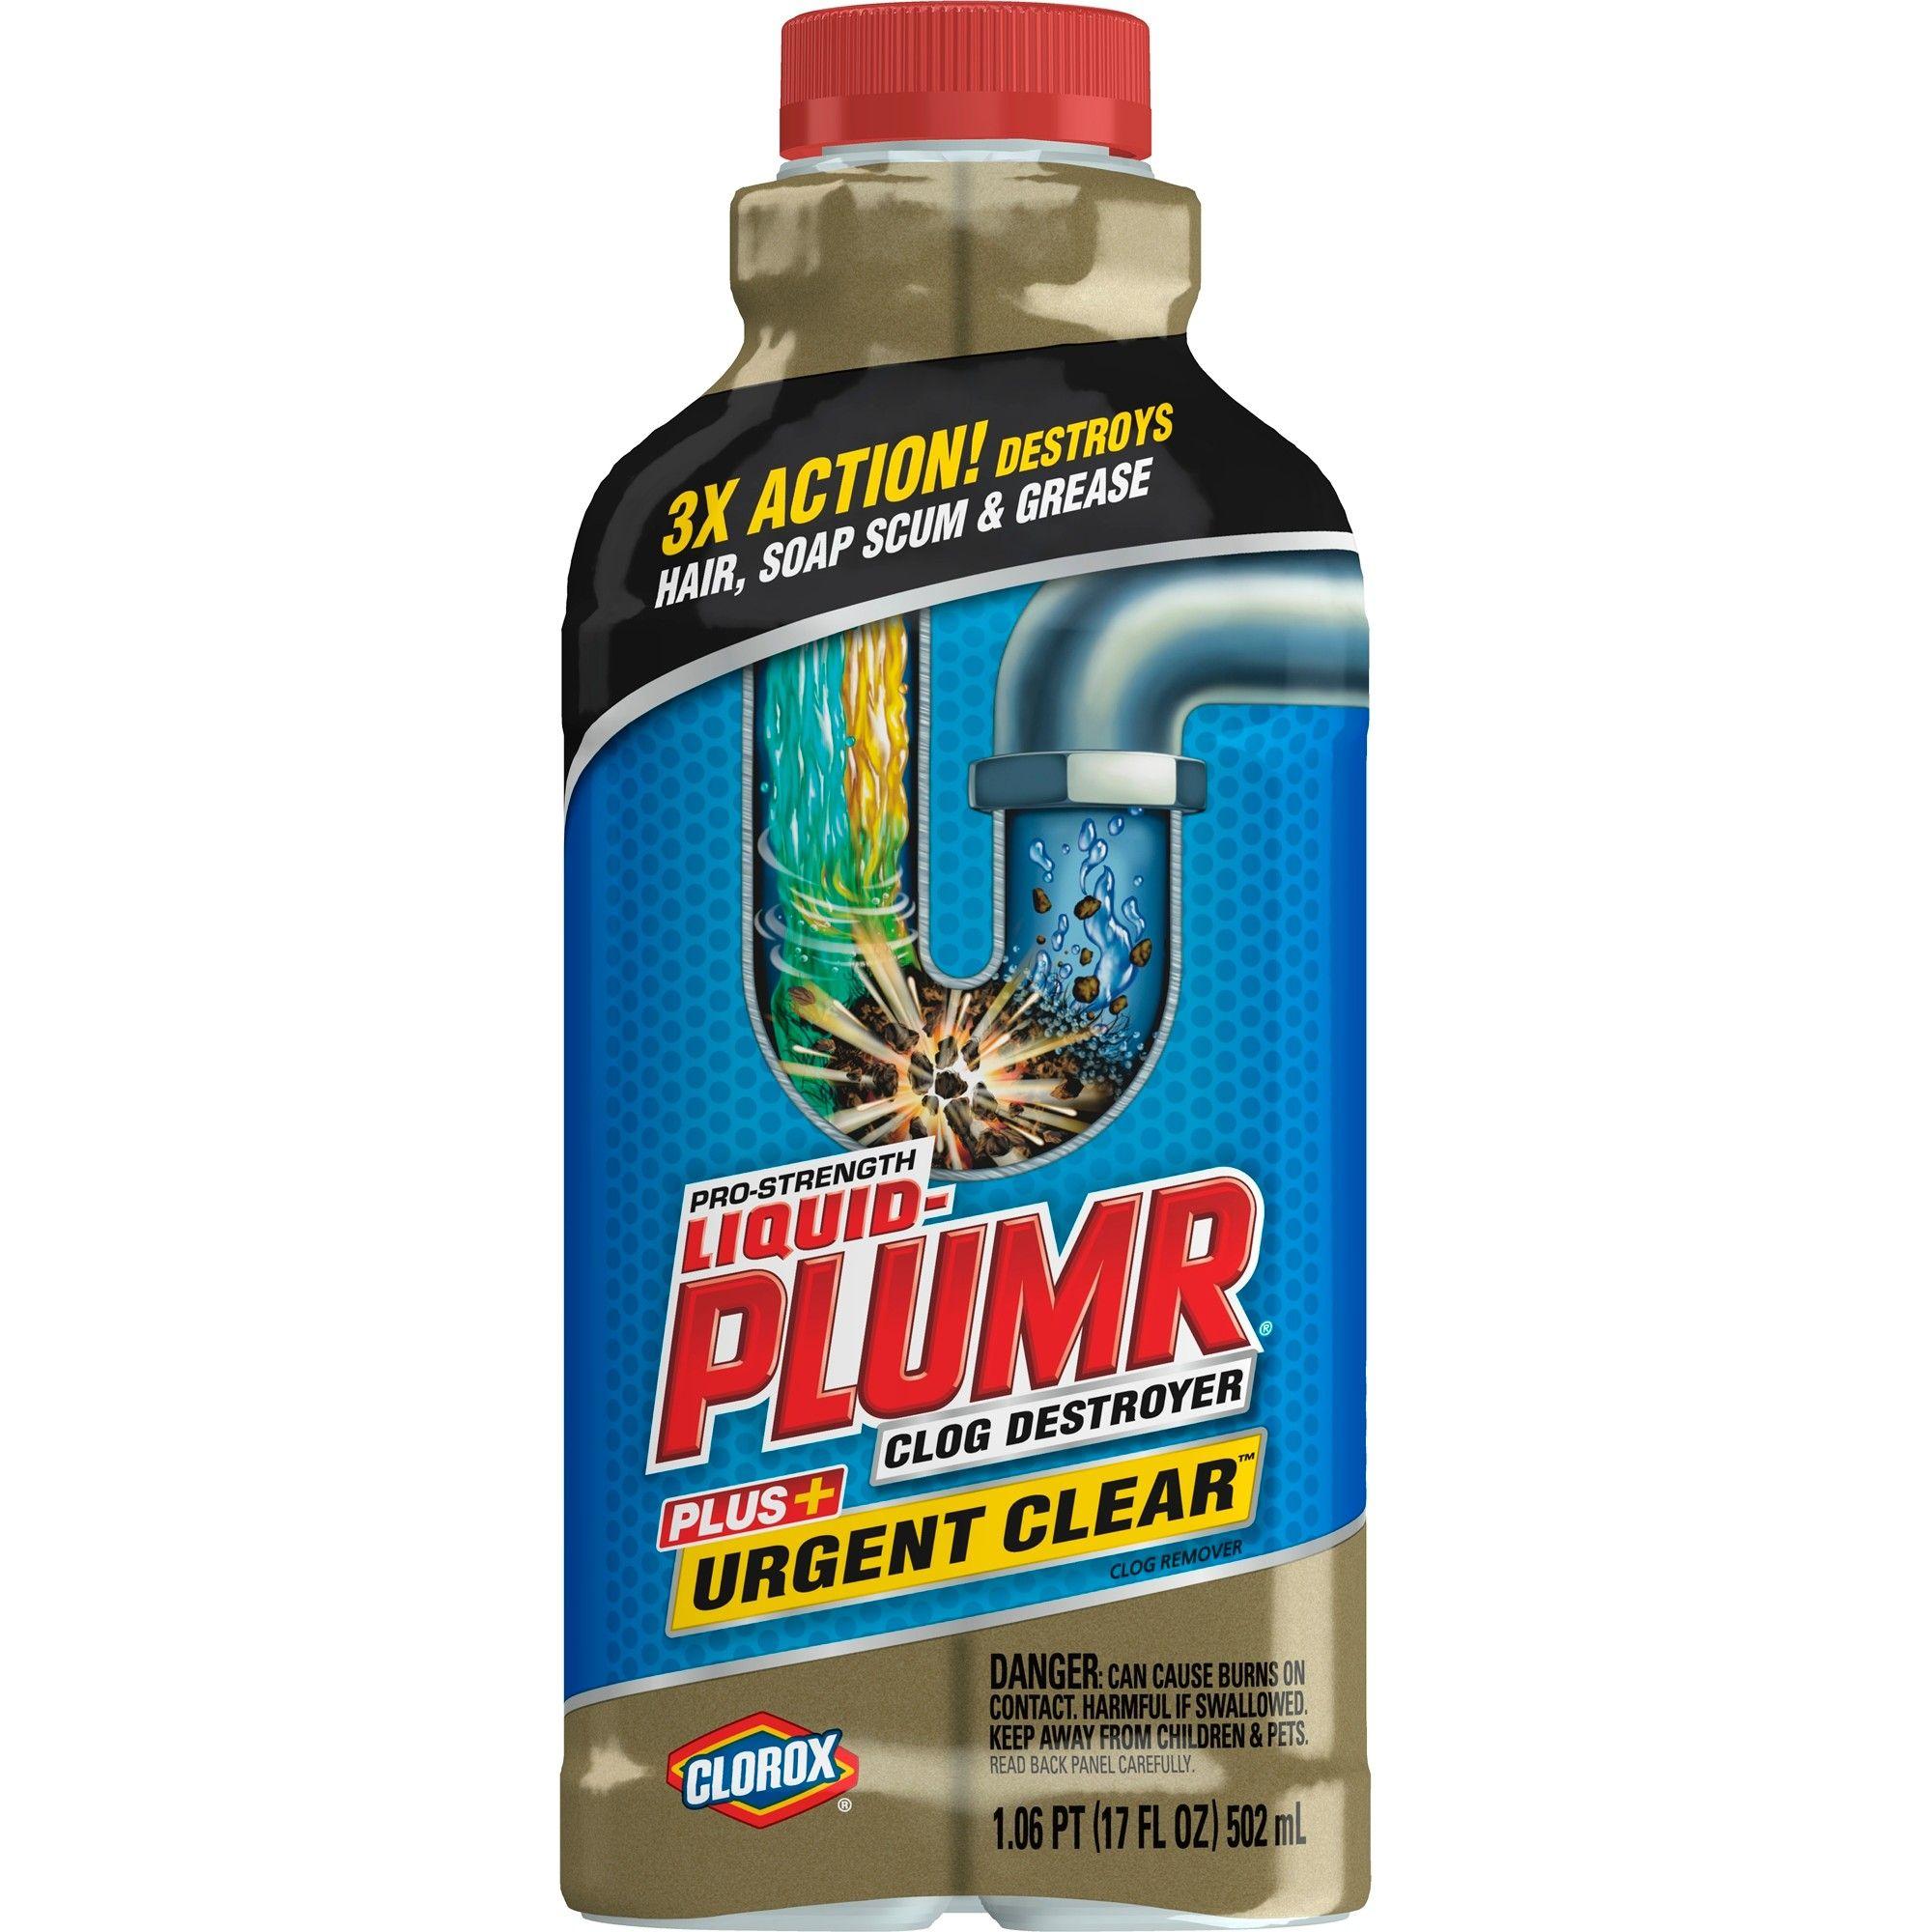 Liquid Plumr Pro Strength Clog Remover Urgent Clear 17 Oz